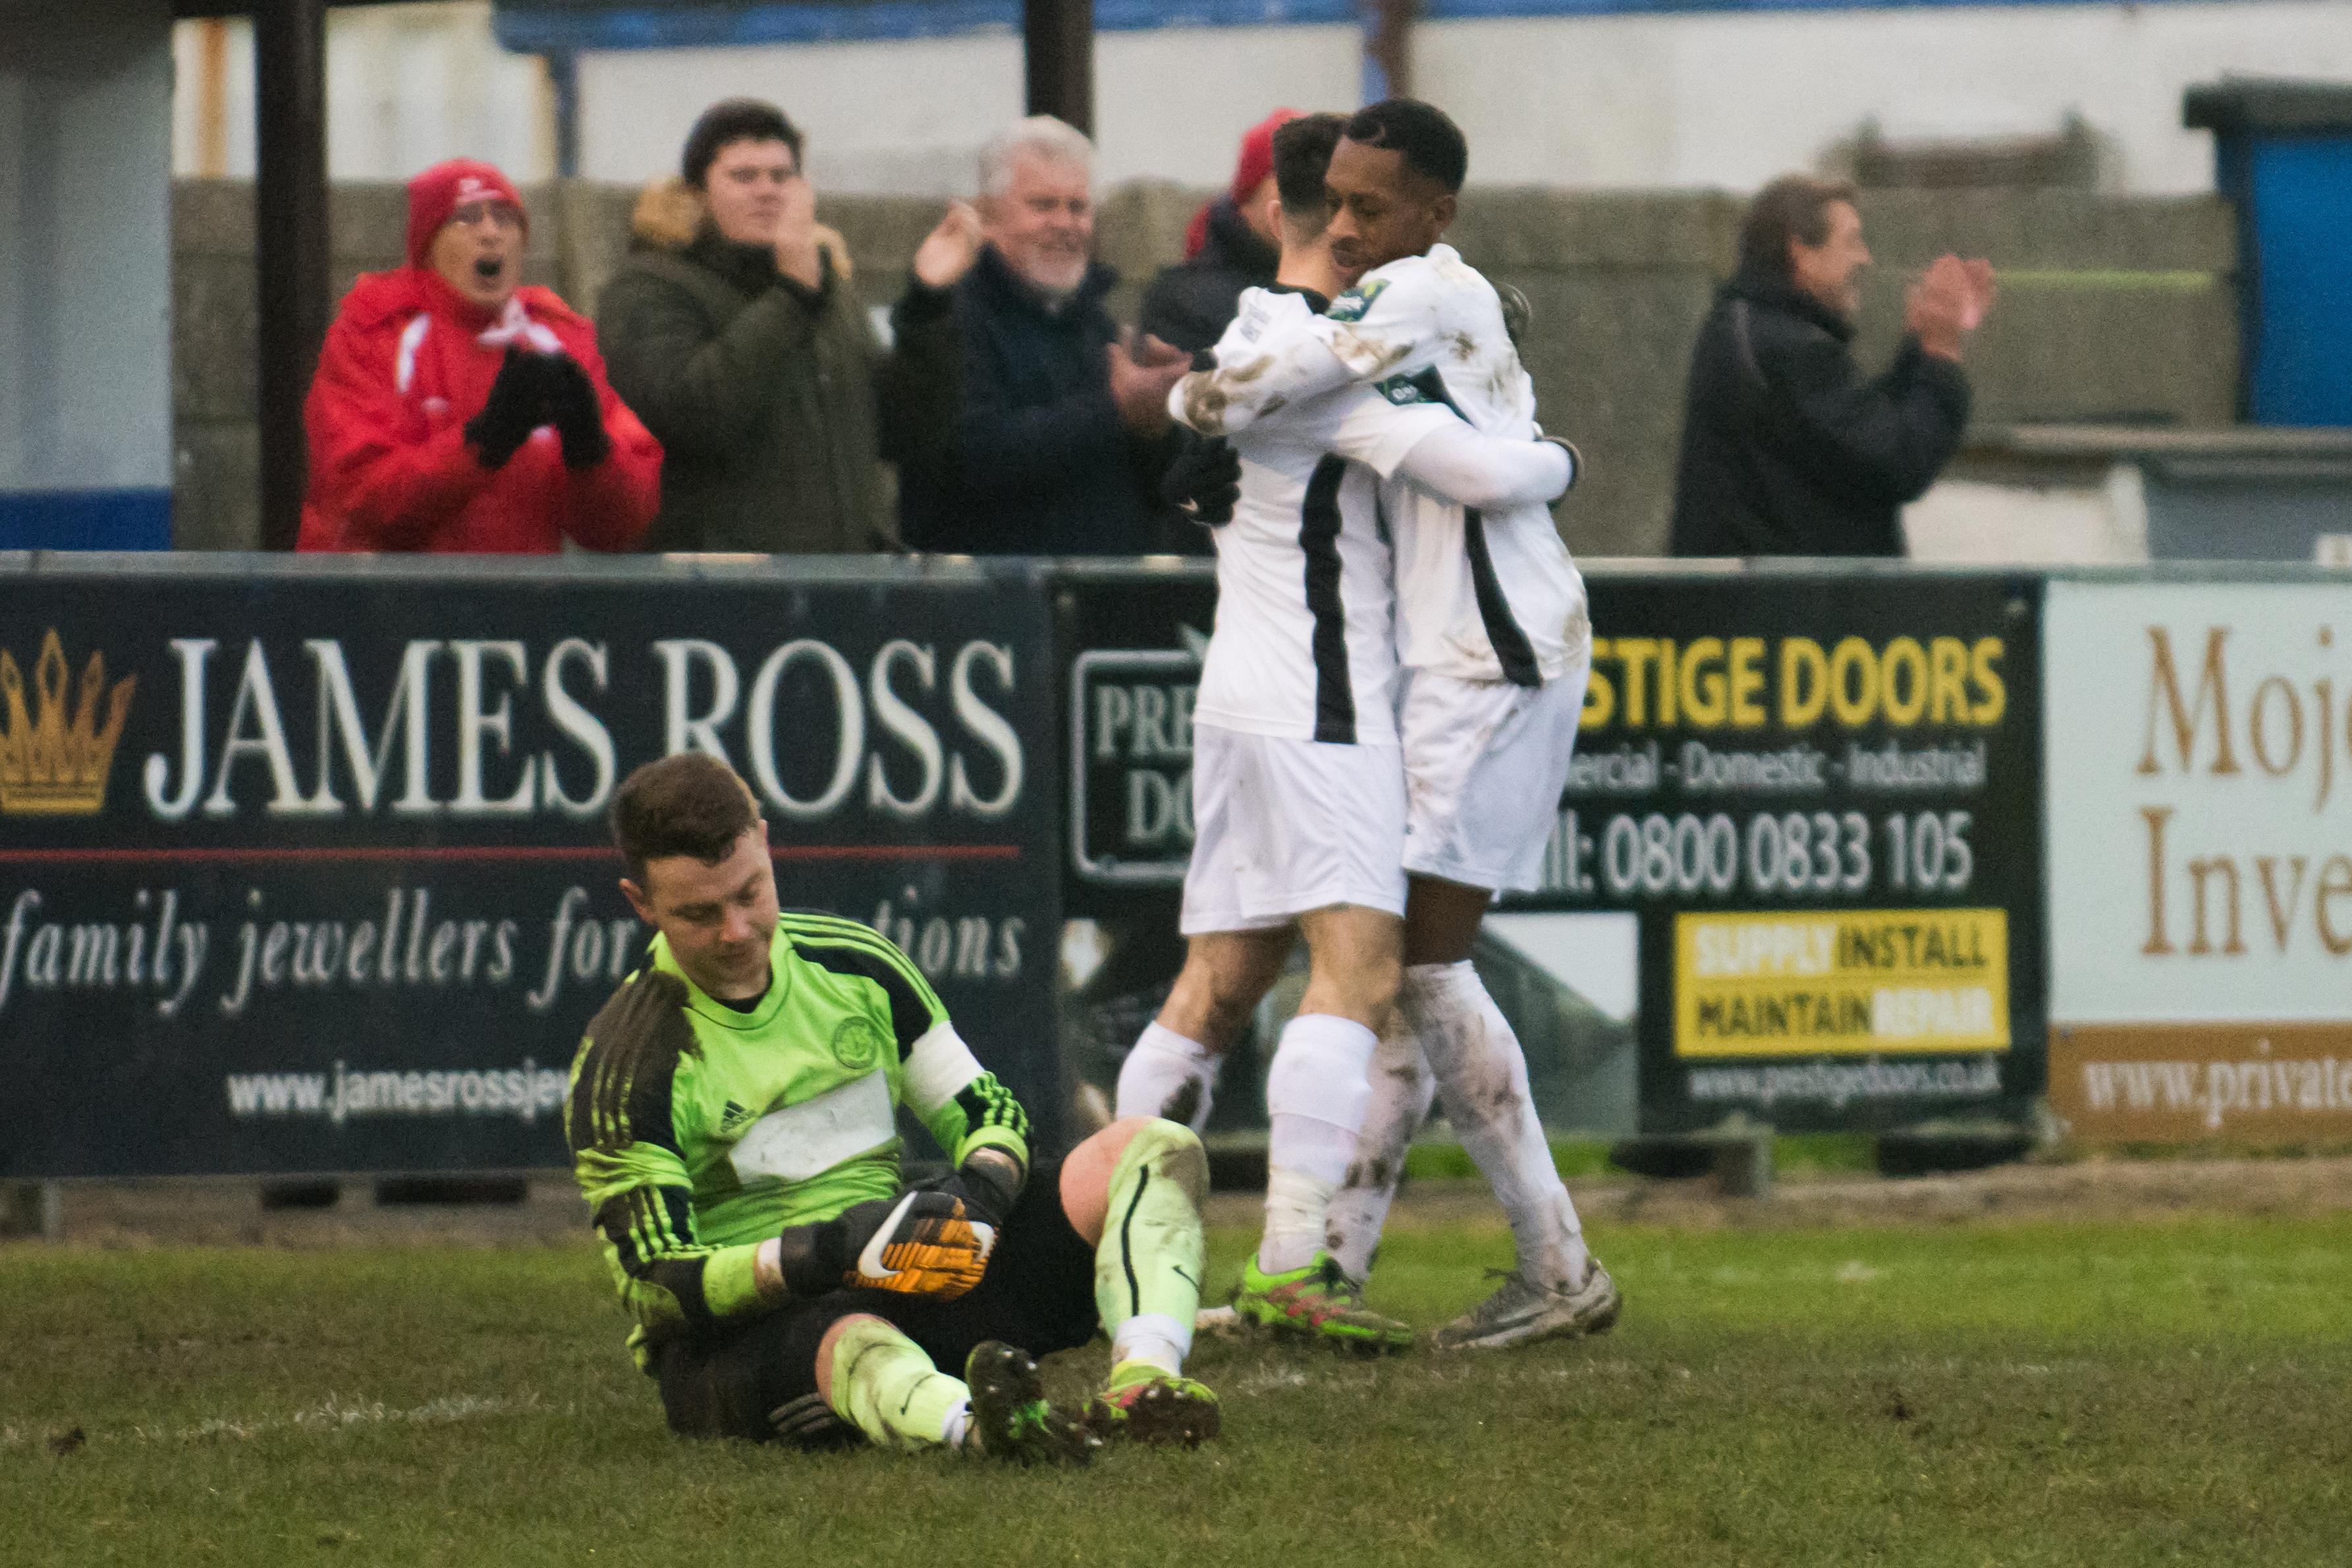 Shoreham FC vs Carshalton Ath 23.12.17 89